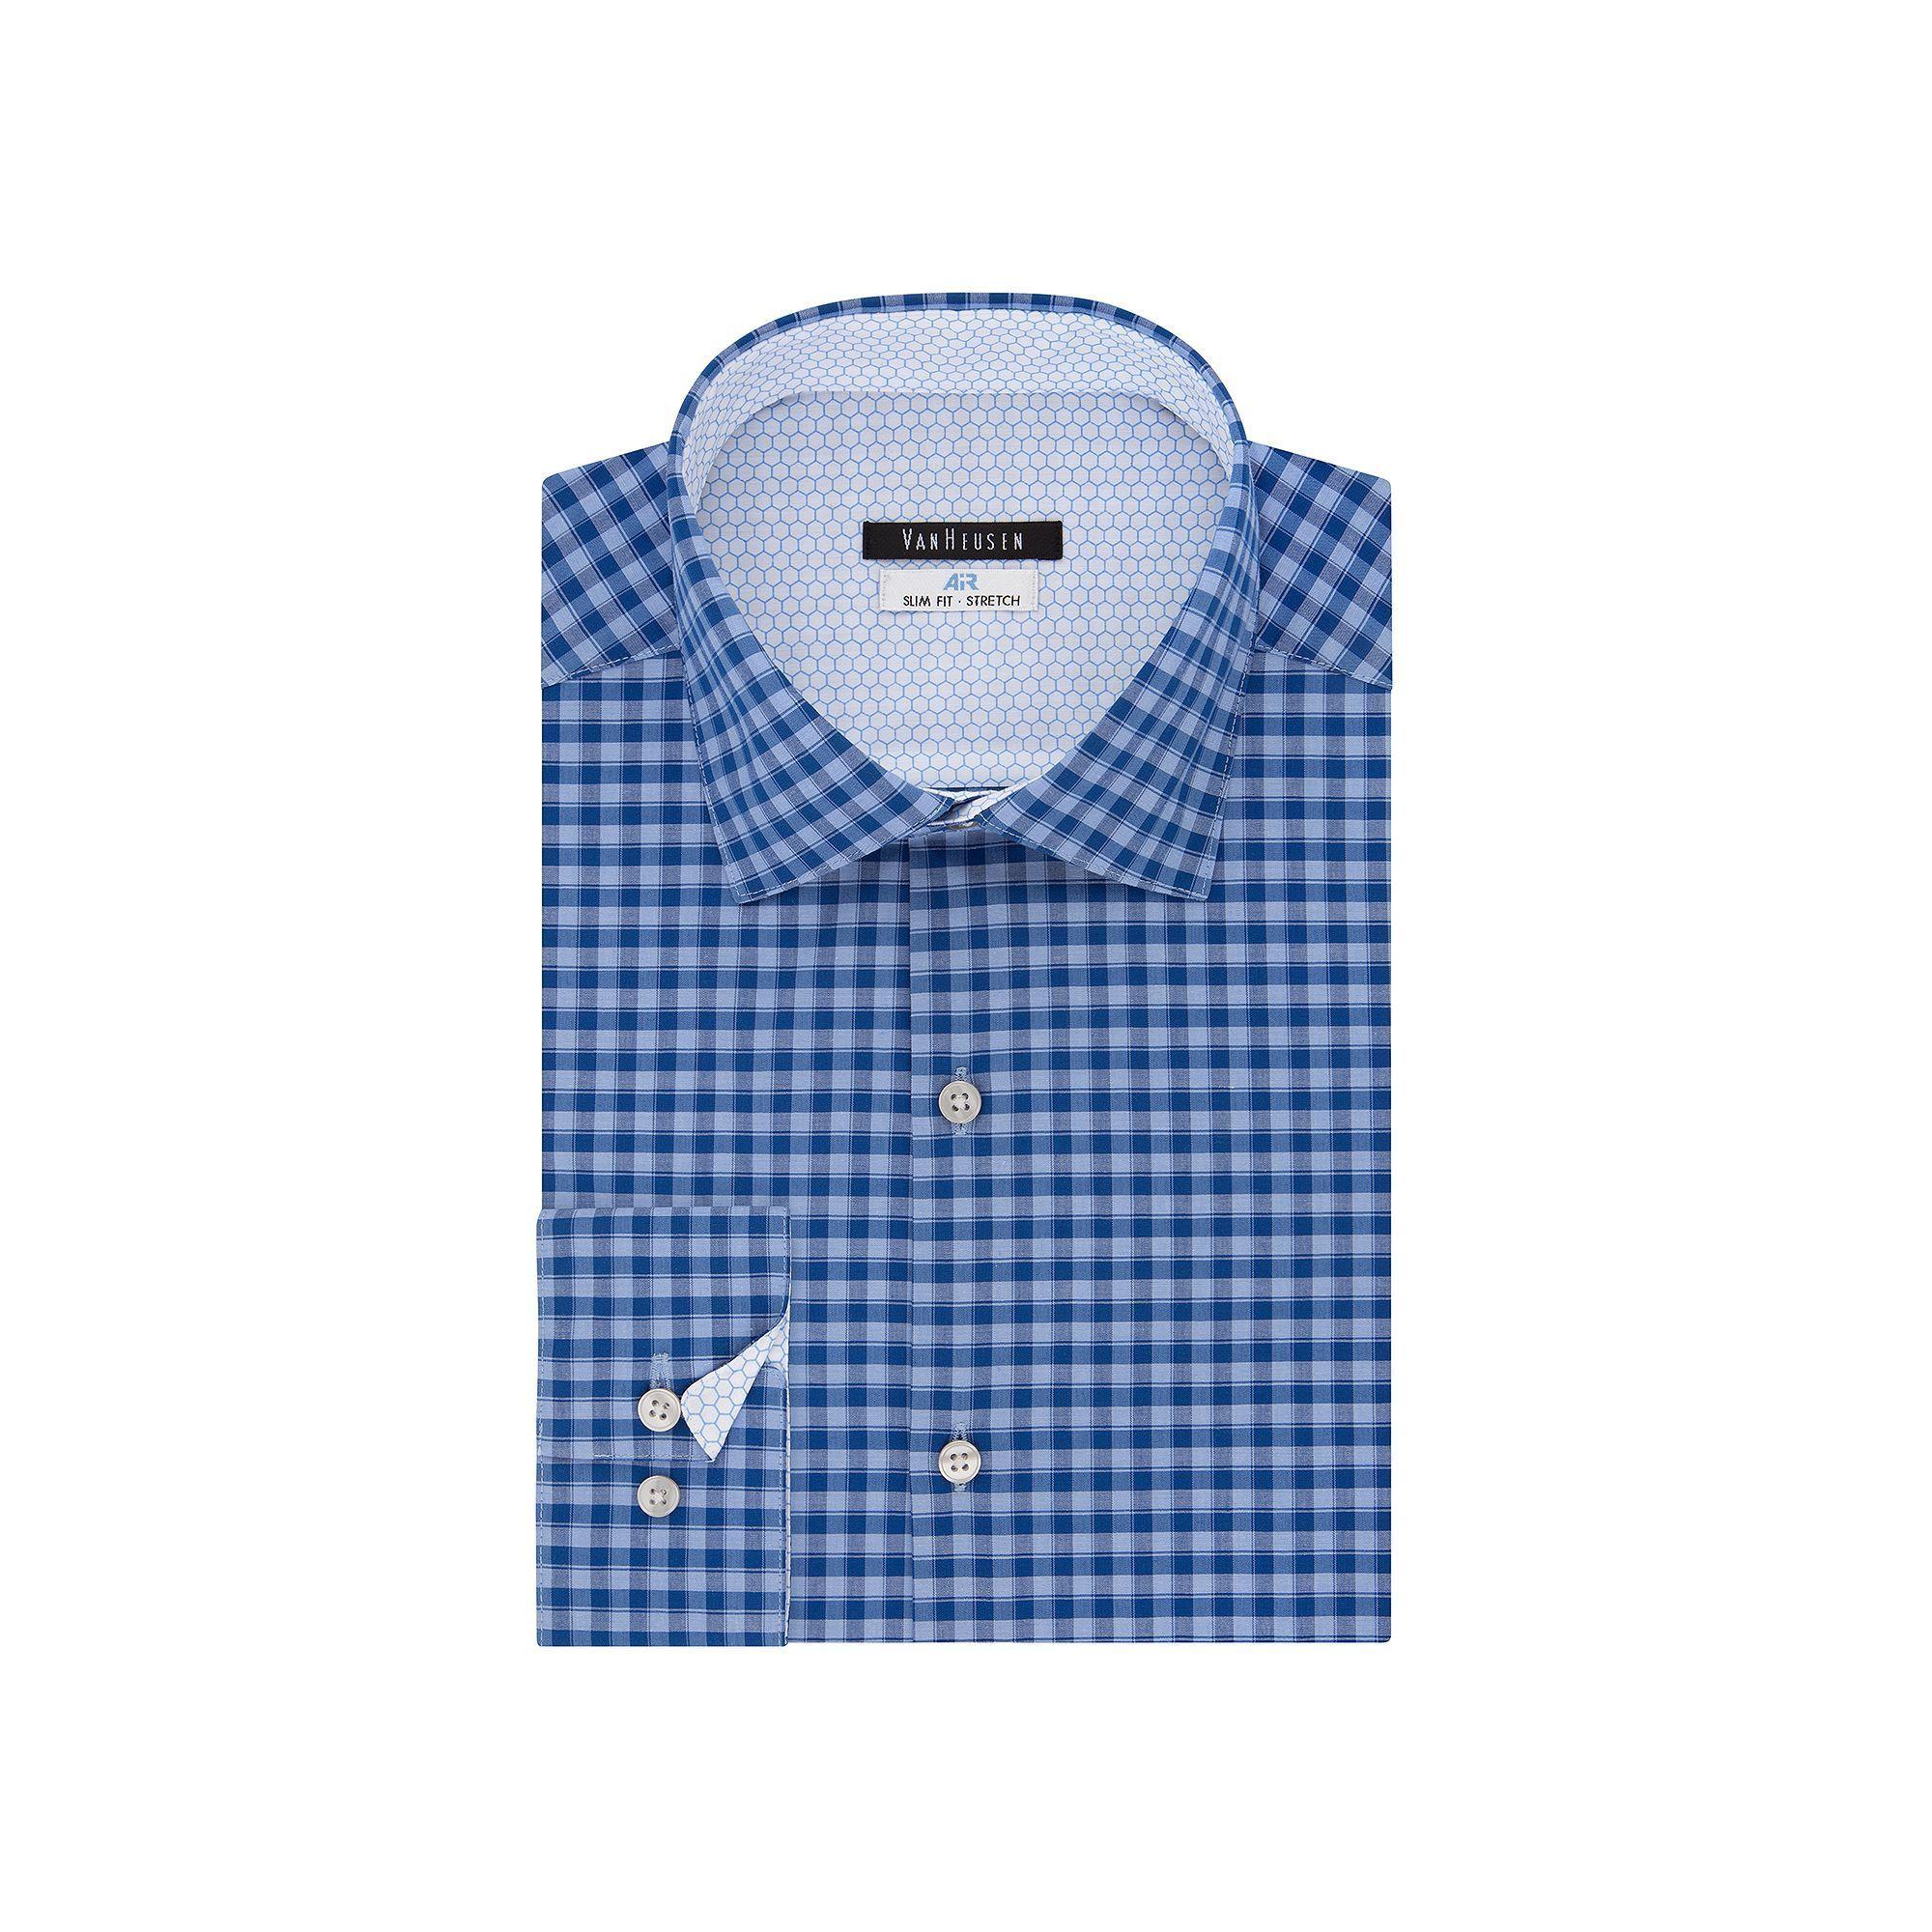 Men S Van Heusen Air Regular Fit Stretch Dress Shirt Shirt Dress Nice Dresses Fitted Dress Shirts